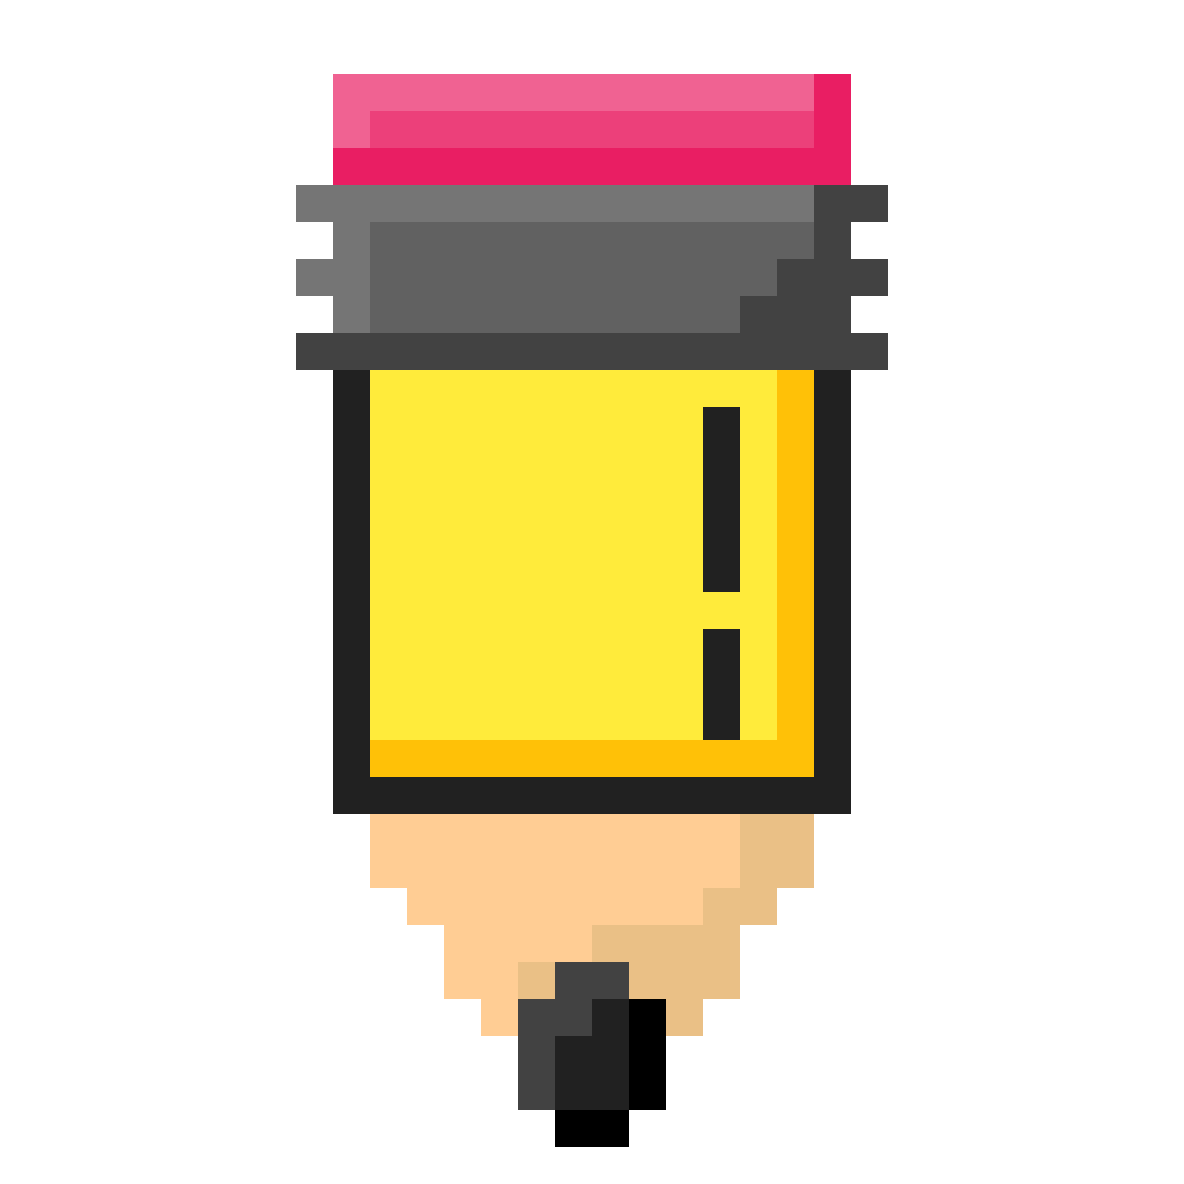 Pencil Icon by Burk